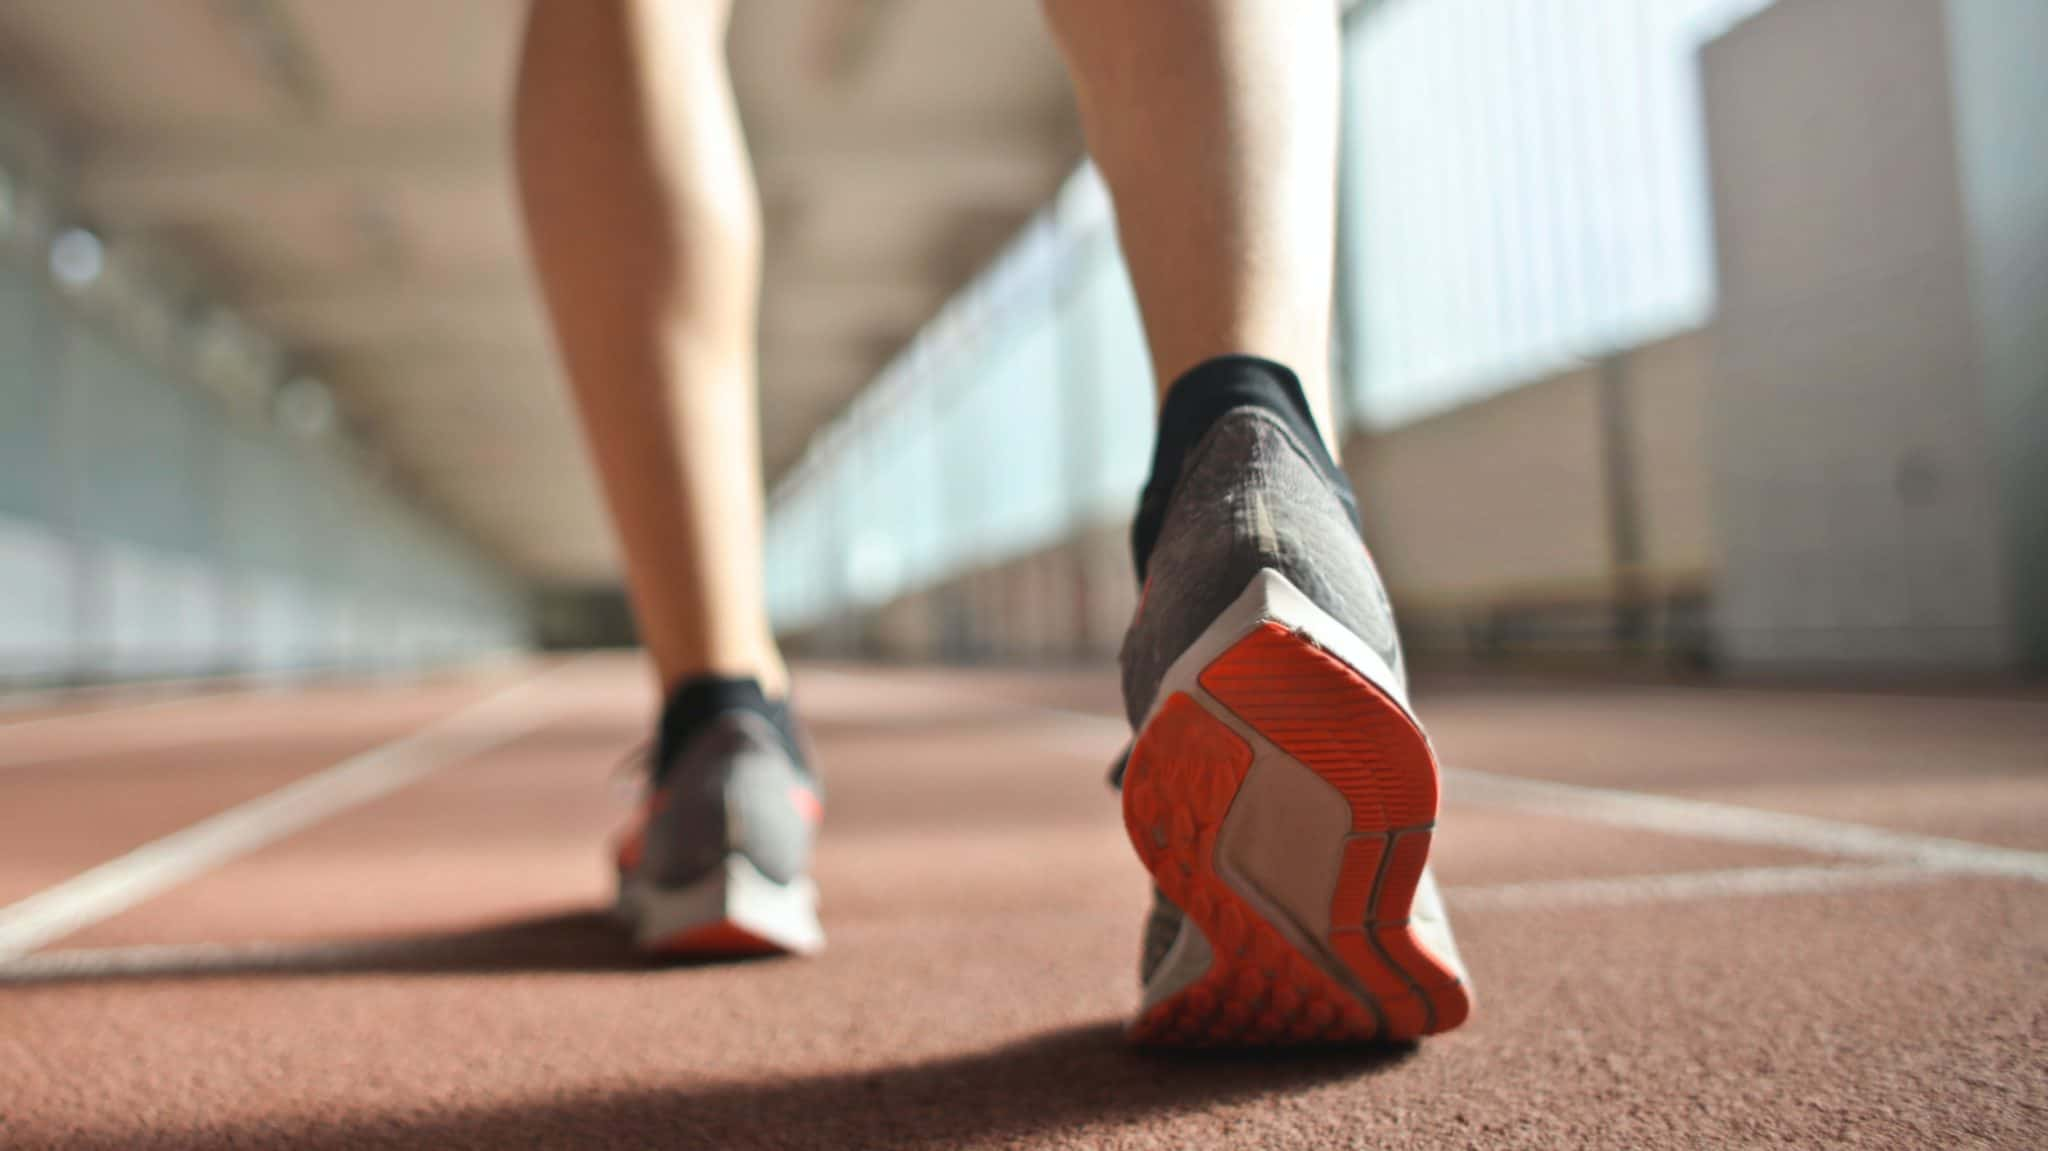 épine calcanéenne - sportif - coureur - douleurs talon